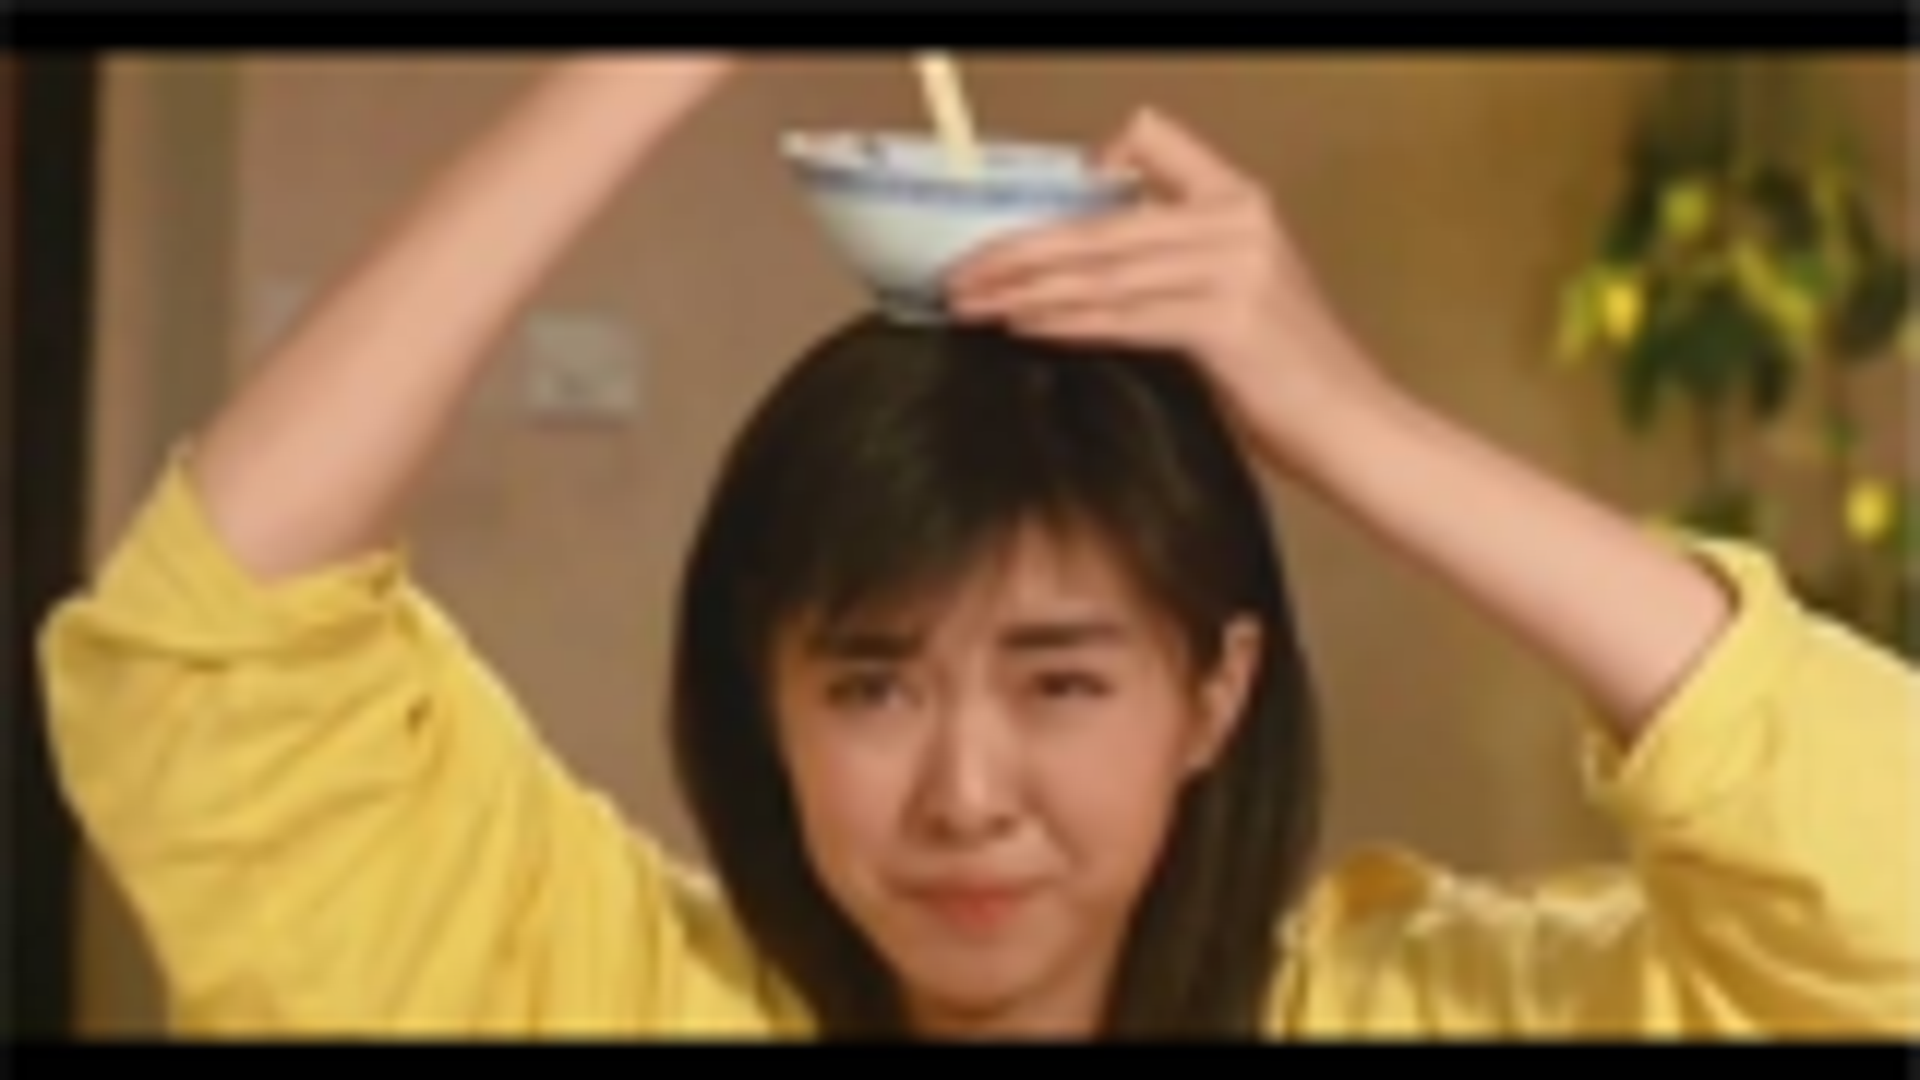 王祖贤吃饭时依旧很美,张一山吃龙虾只吃头,刘德华吃路边摊